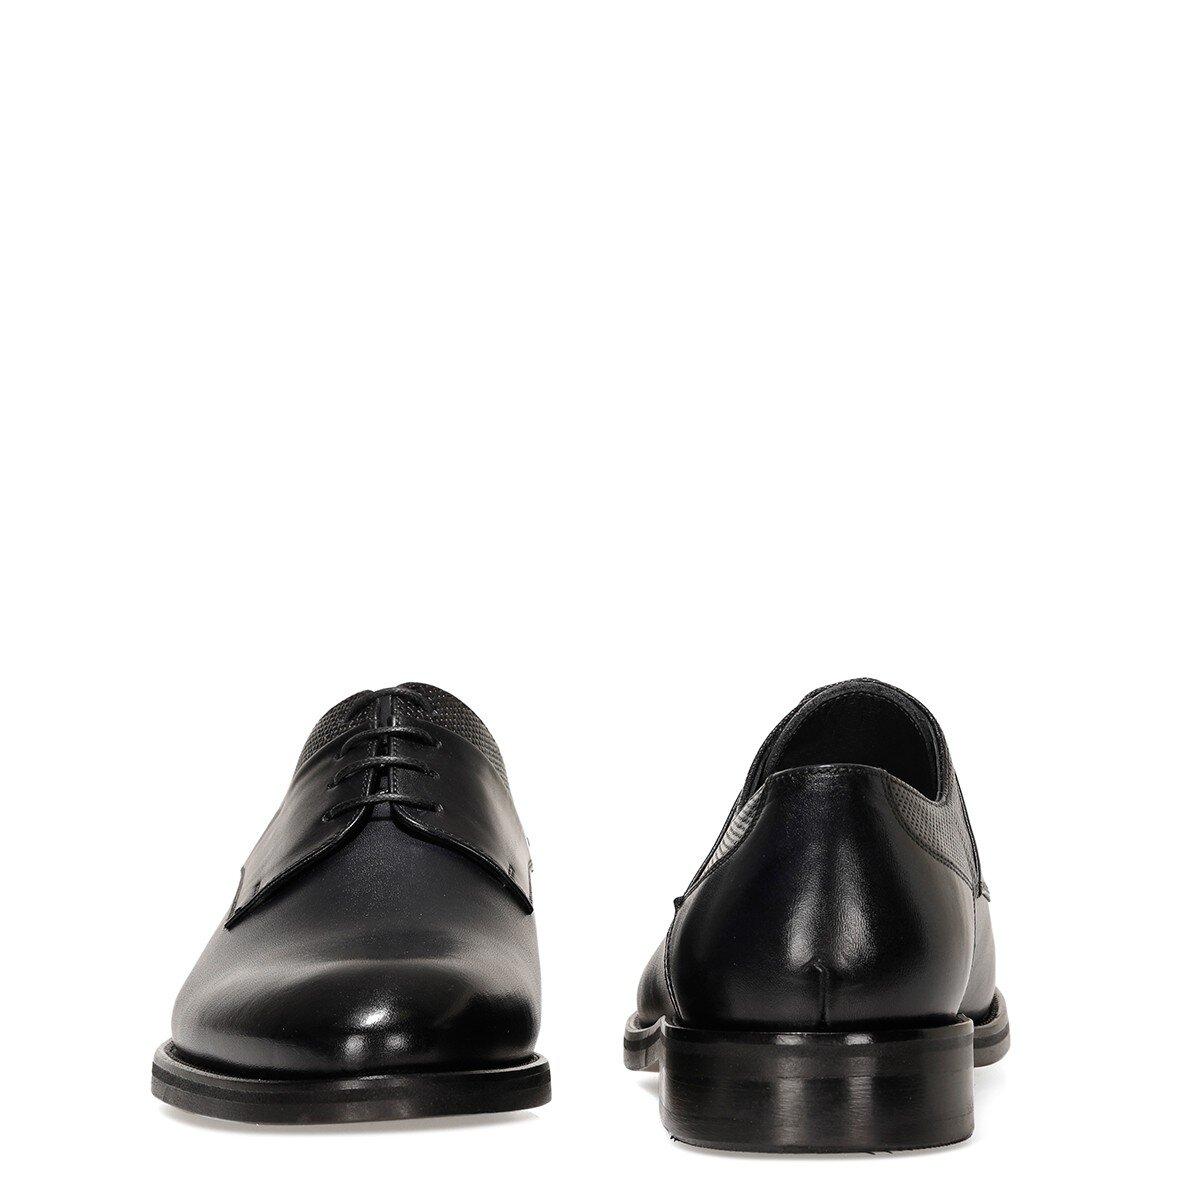 VARON 1FX Lacivert Erkek Klasik Ayakkabı